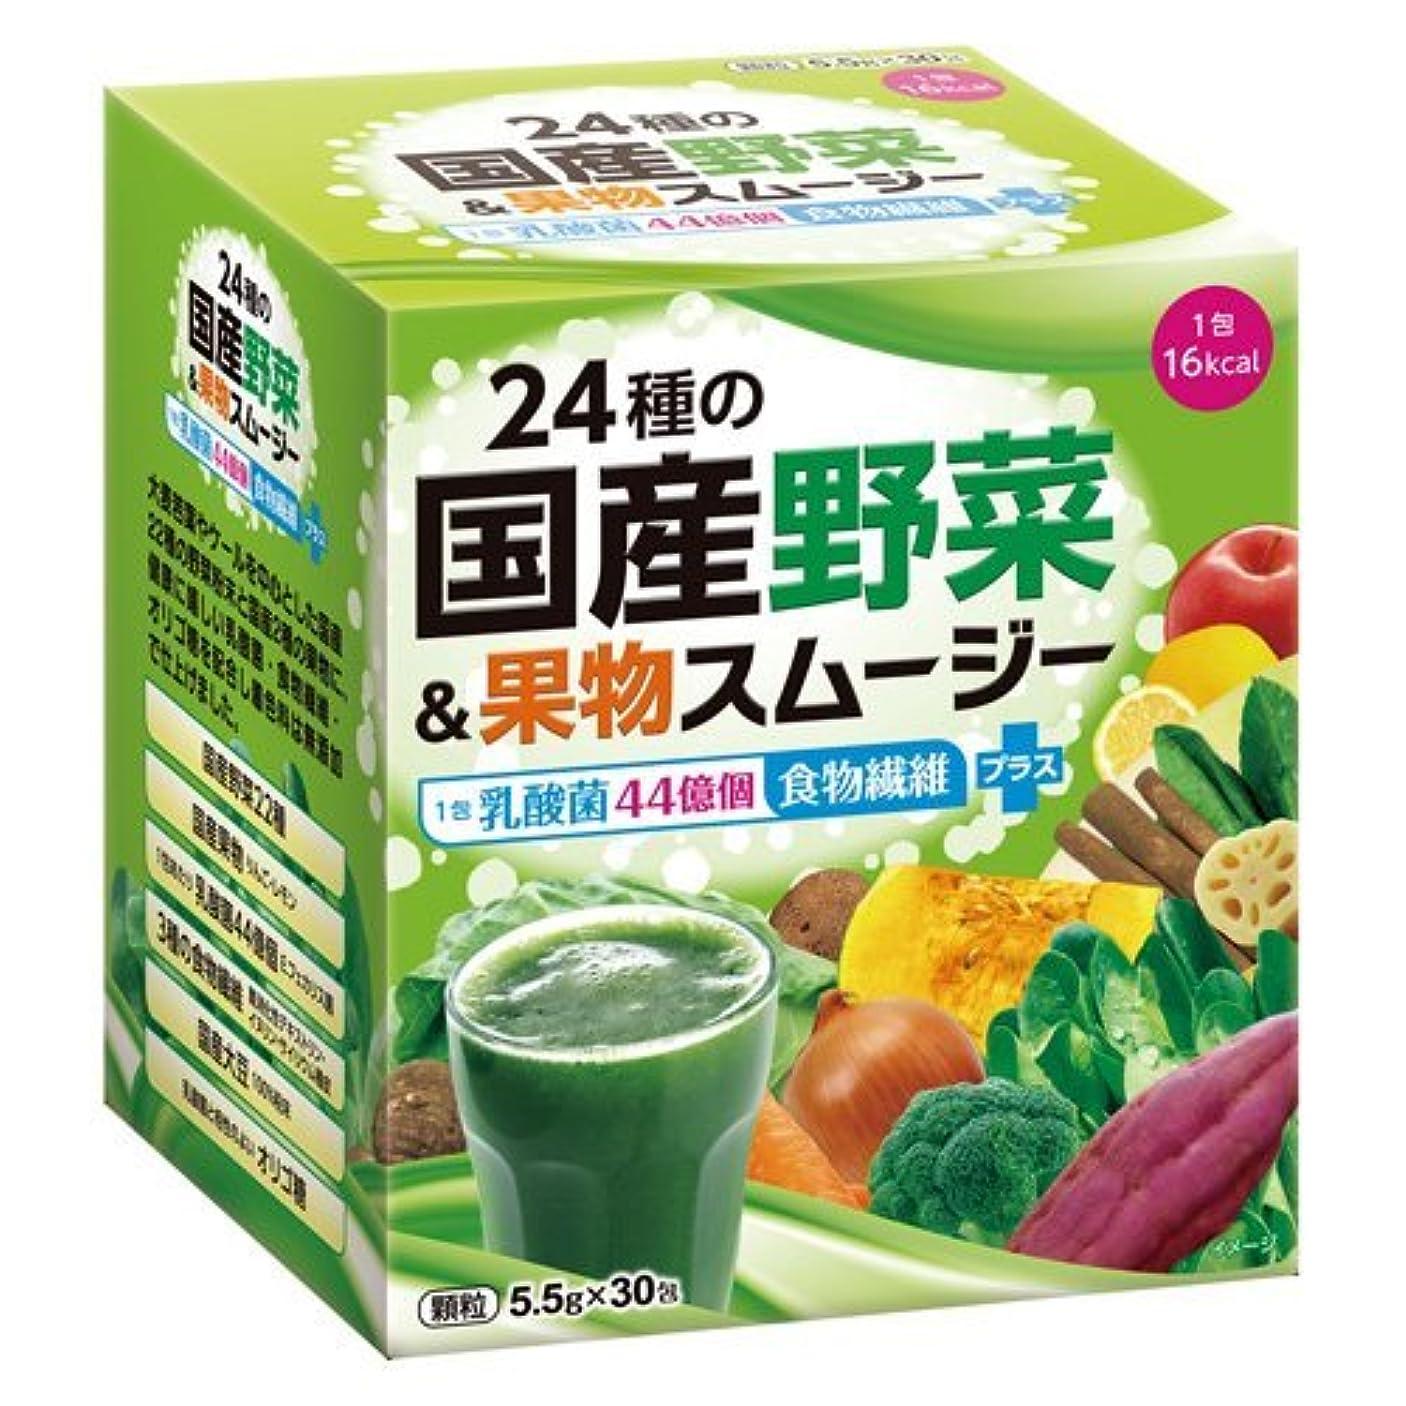 知っているに立ち寄る備品天の24種の国産野菜&果物スムージー 165g(5.5g×30包)